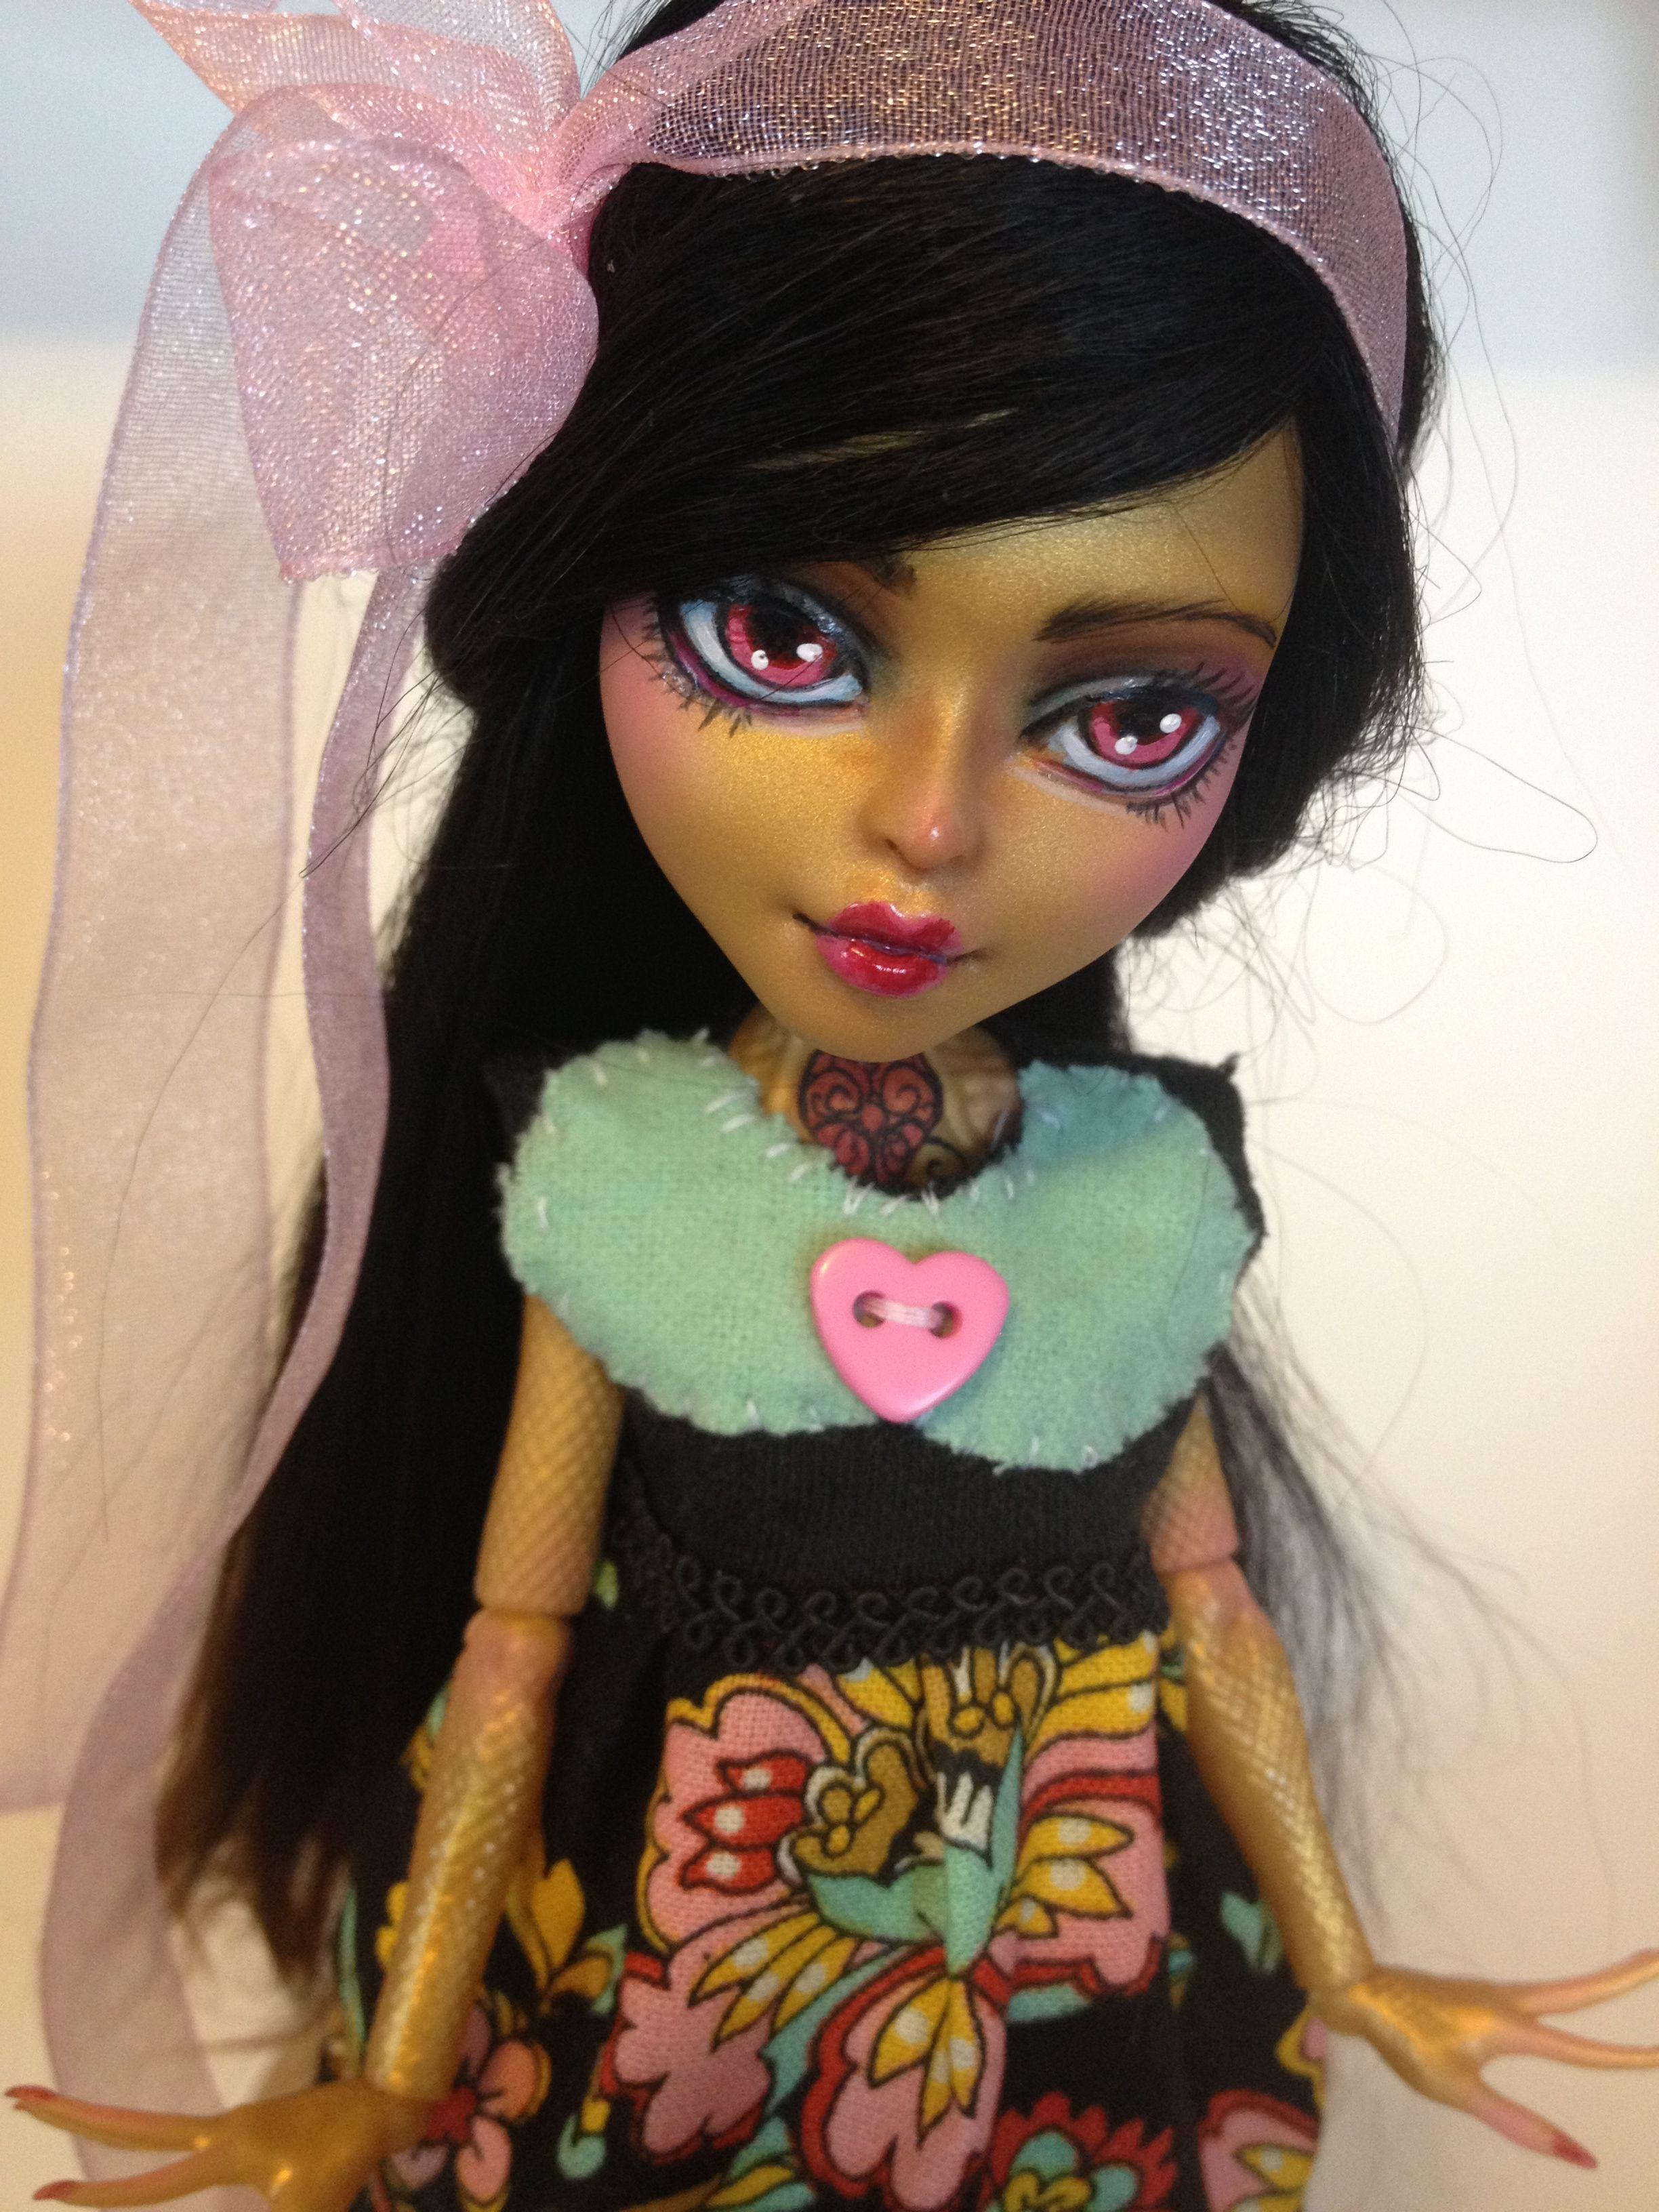 monster high custom doll  ooak monster thesleepyforest keberneteka cute kawaii repaint jinnafire